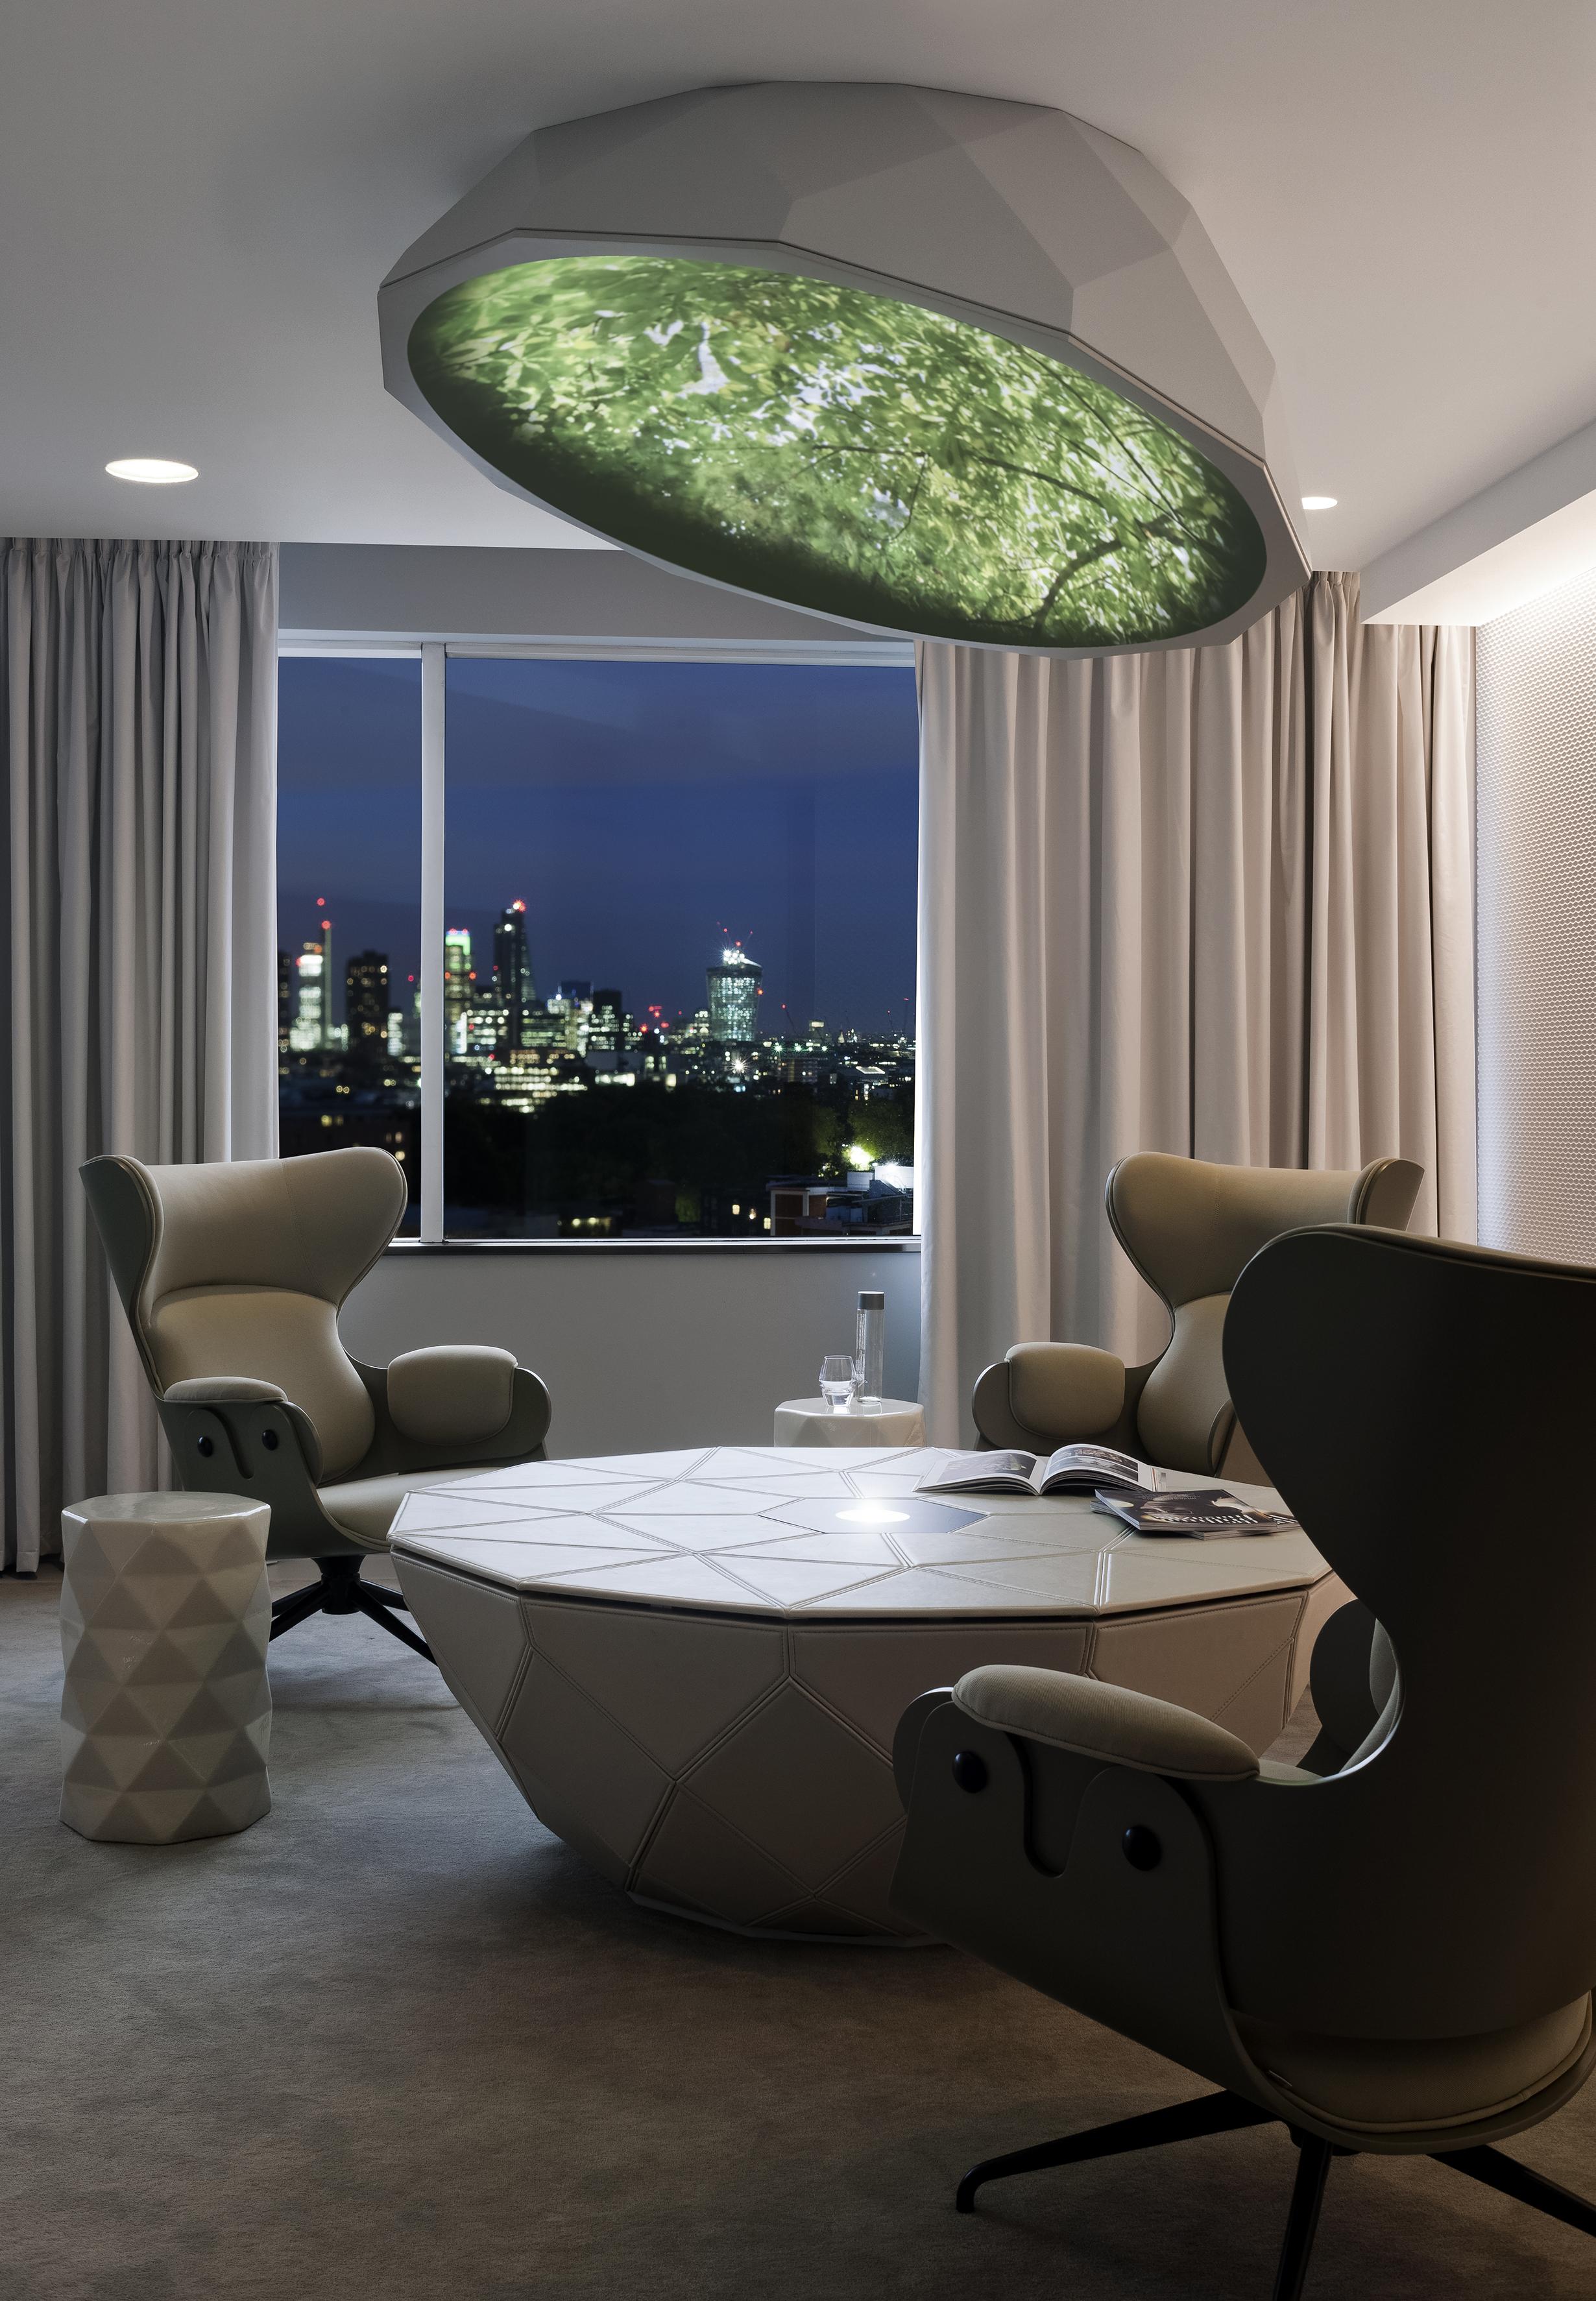 installation audiovisuelle pour hotel haut de gamme